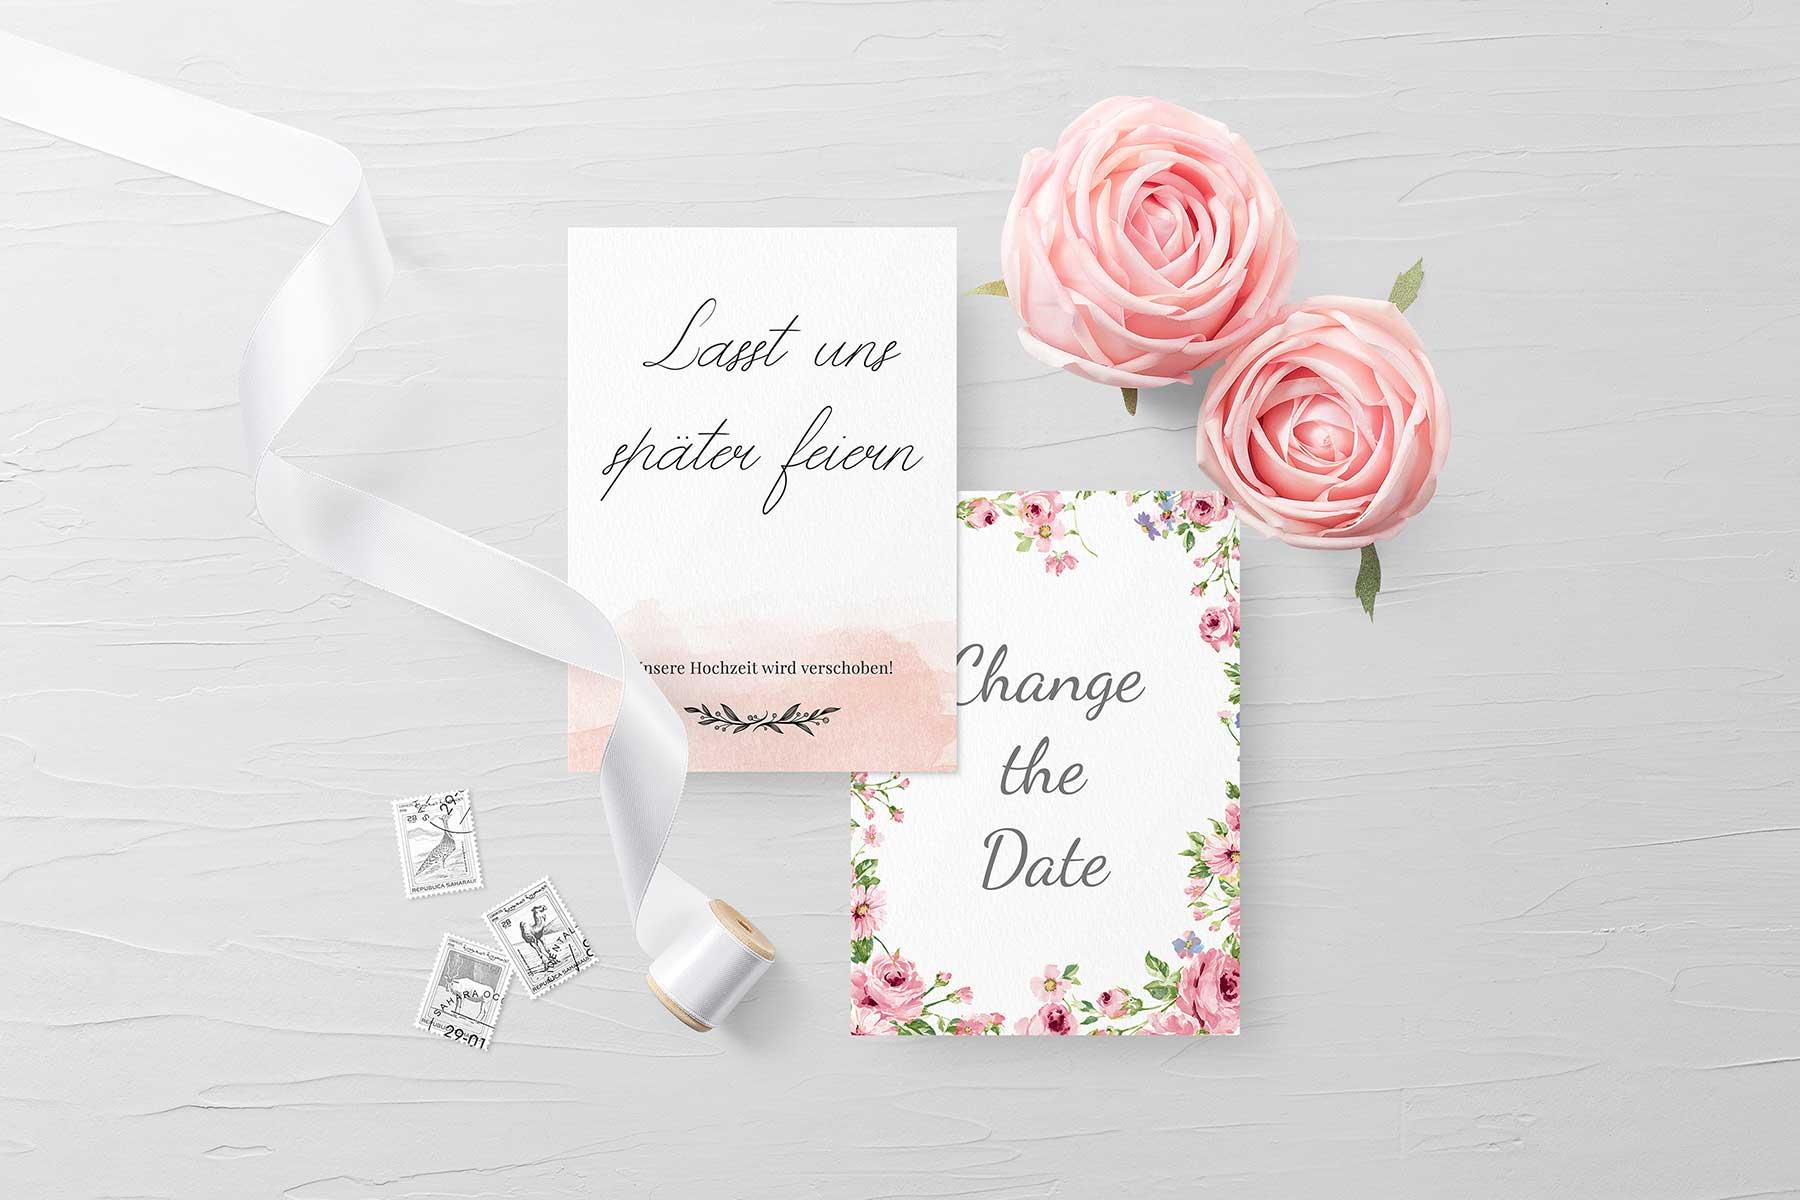 Change the Date Karten zur Hochzeit als Freebie zum Download